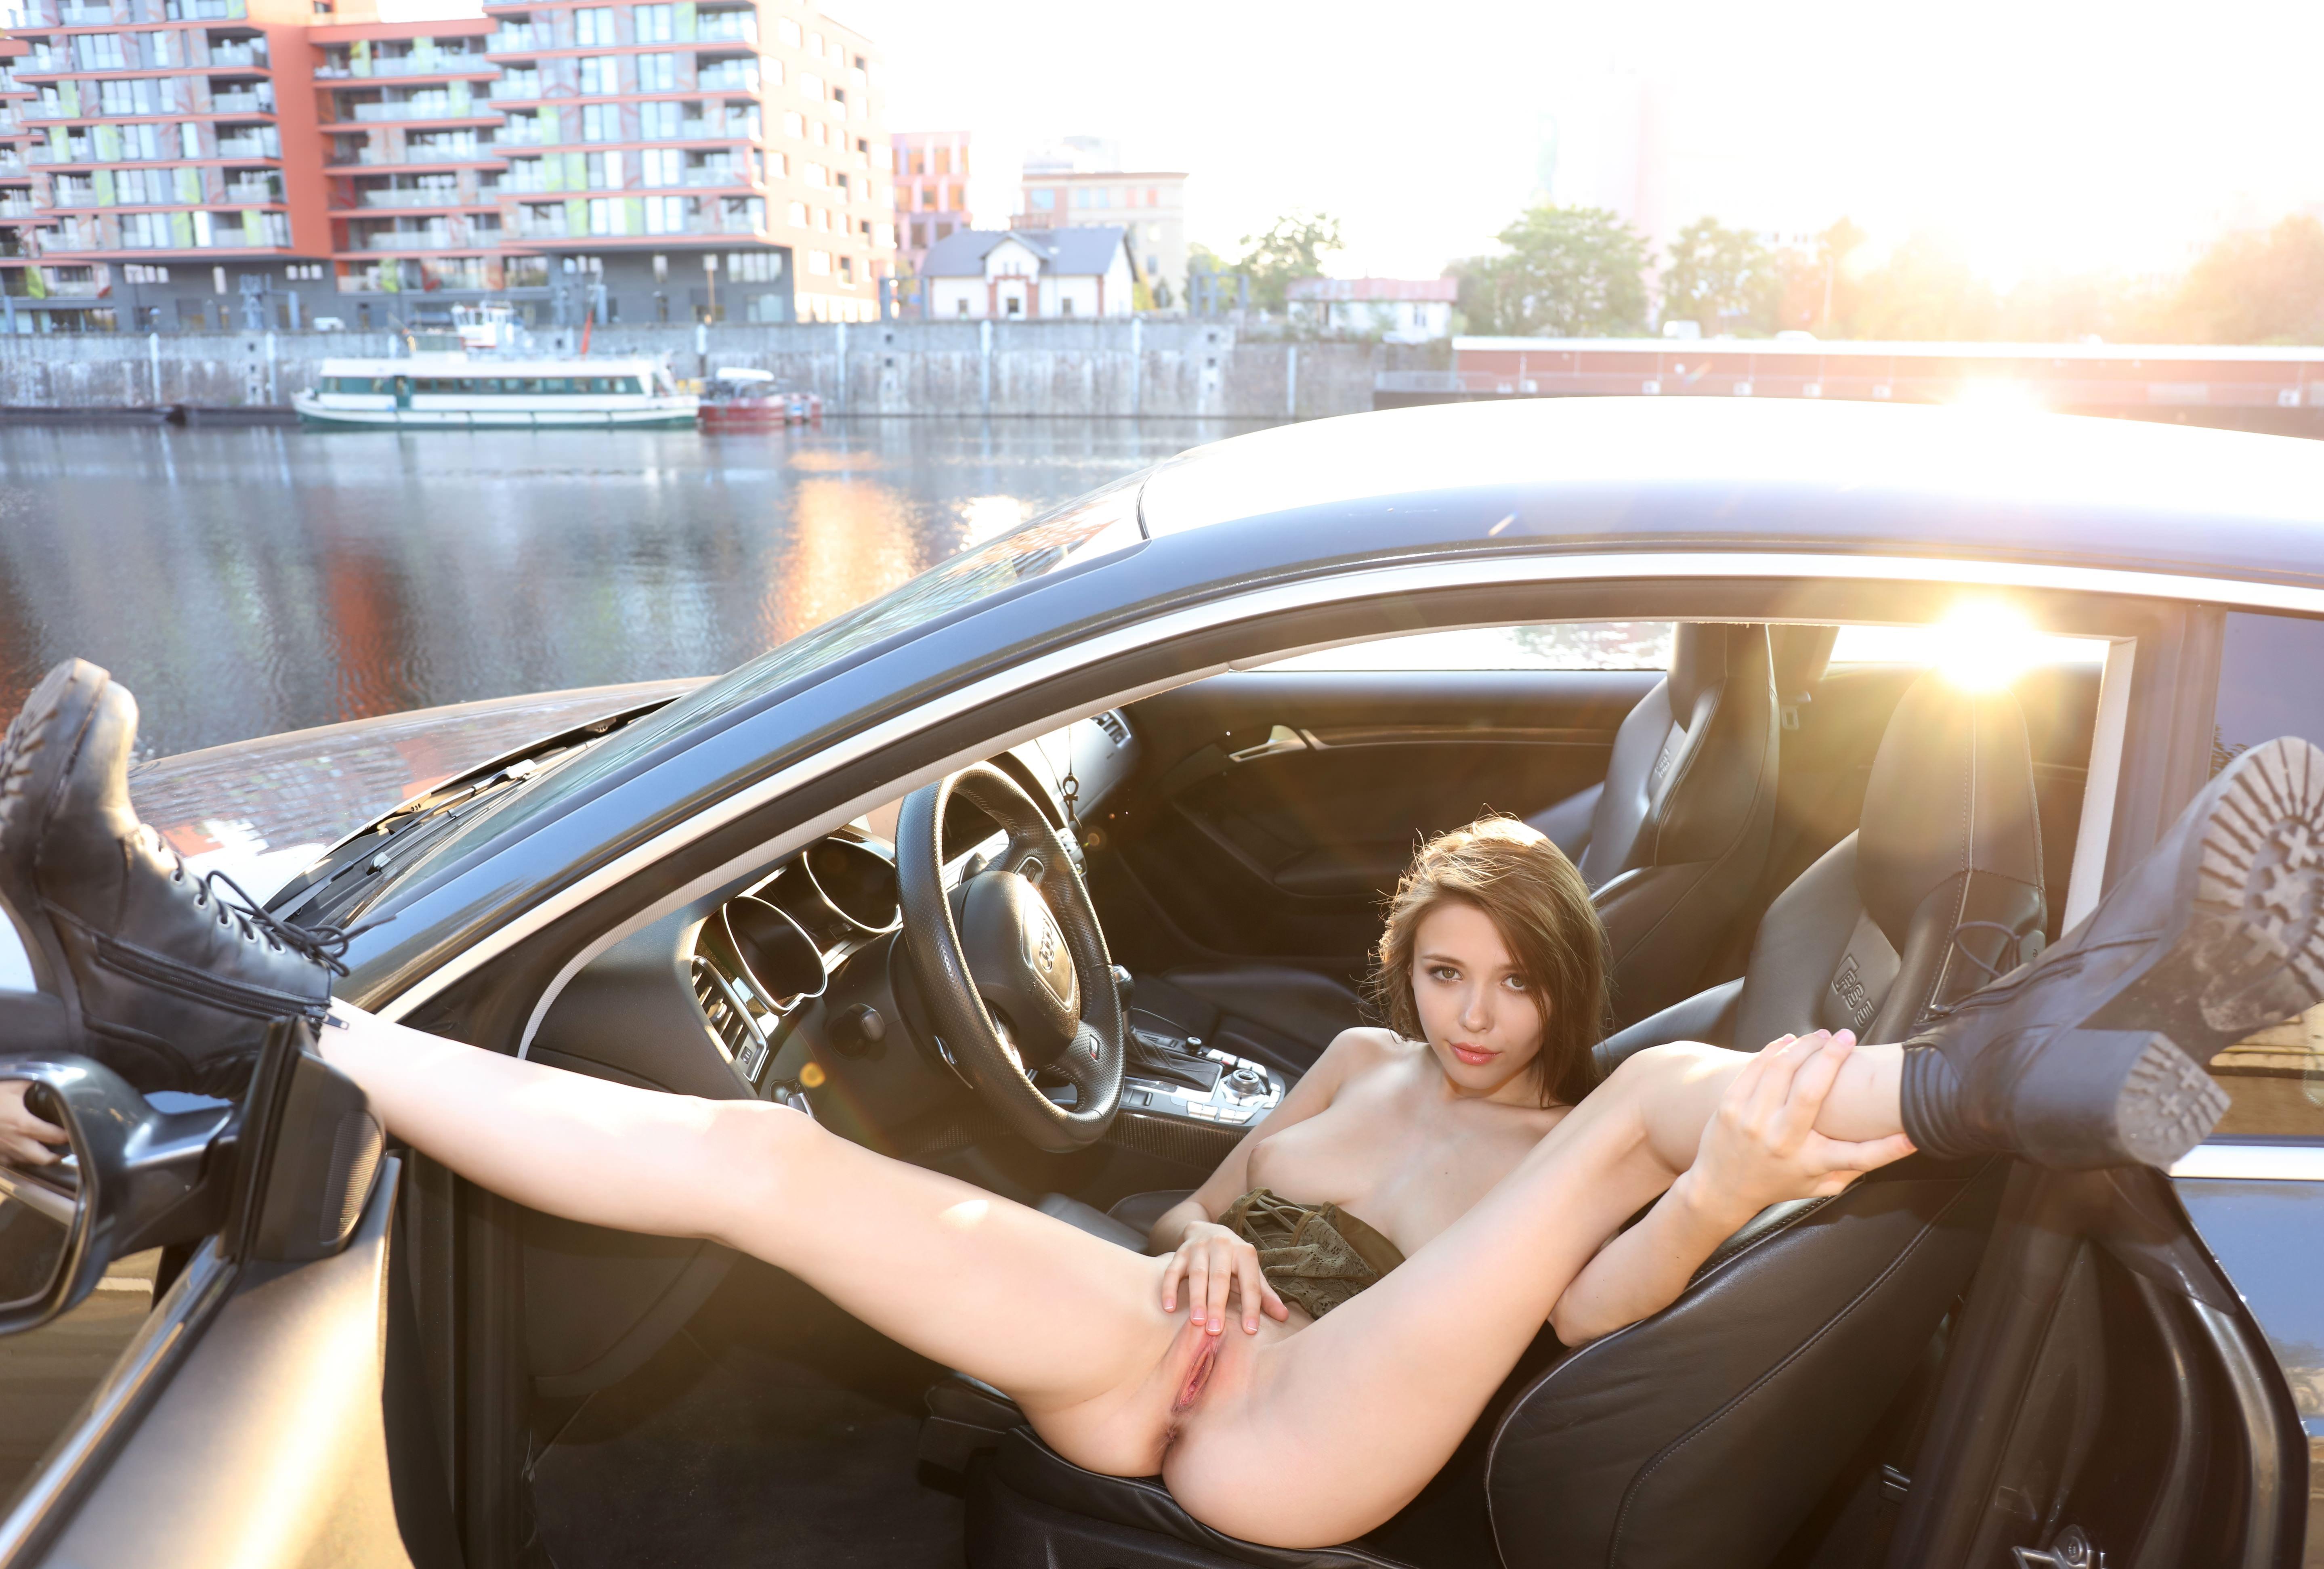 Фото Девка в берцах раздвинула широко ноги в кресле авто, показала пизду, скачать картинку бесплатно